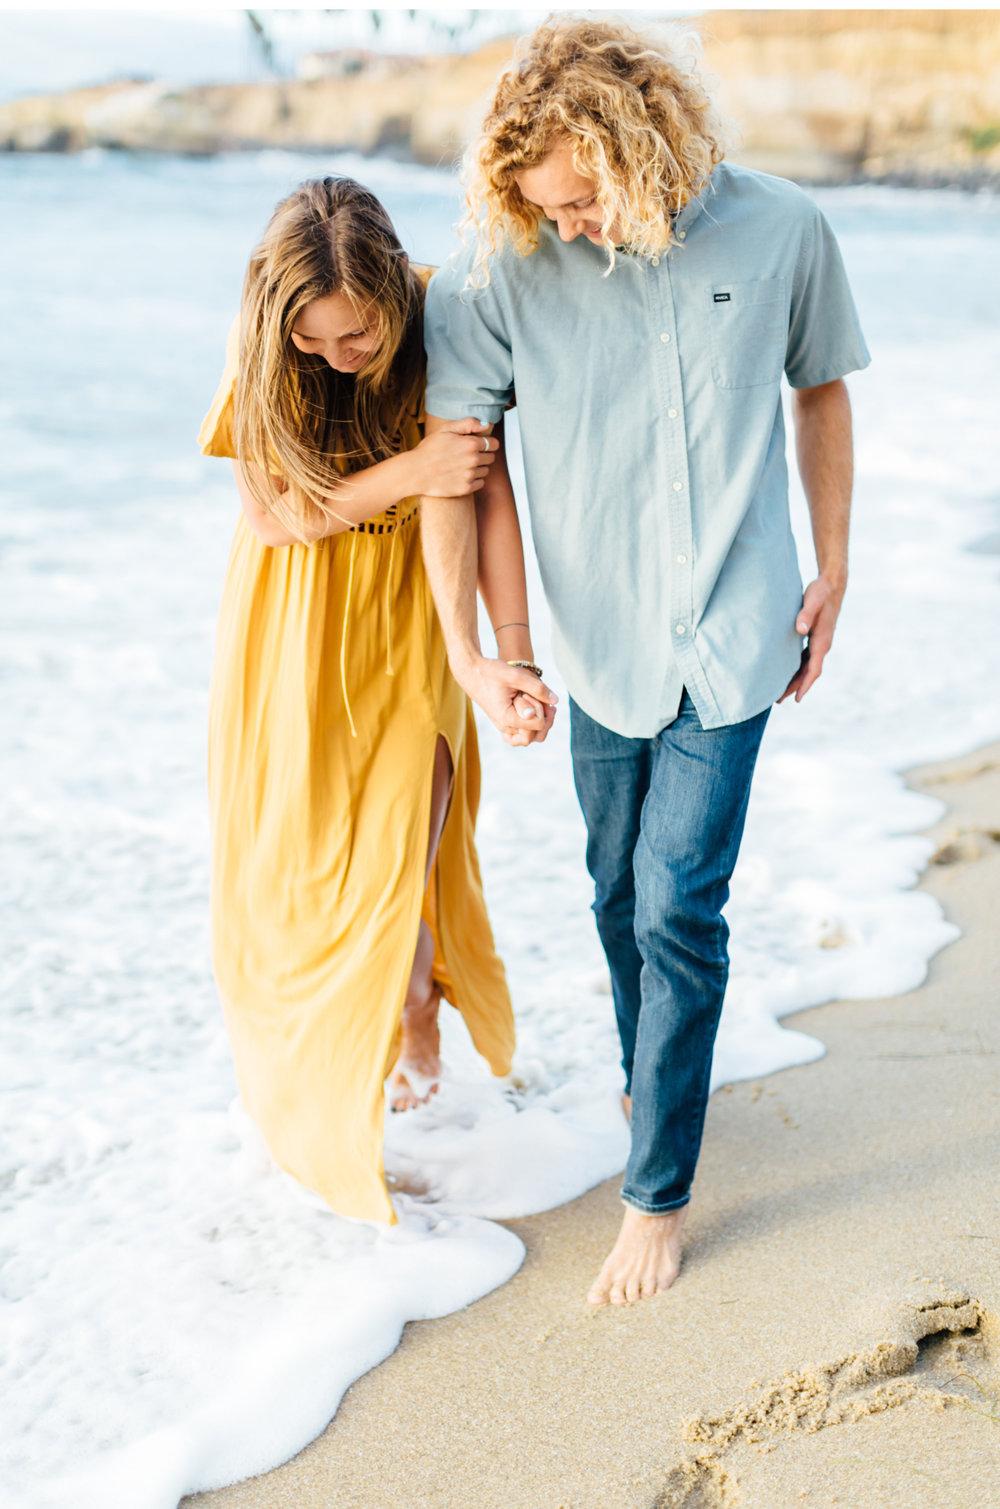 Southern-California-Engagement-Photographer-Natalie-Schutt-Photography_06.jpg